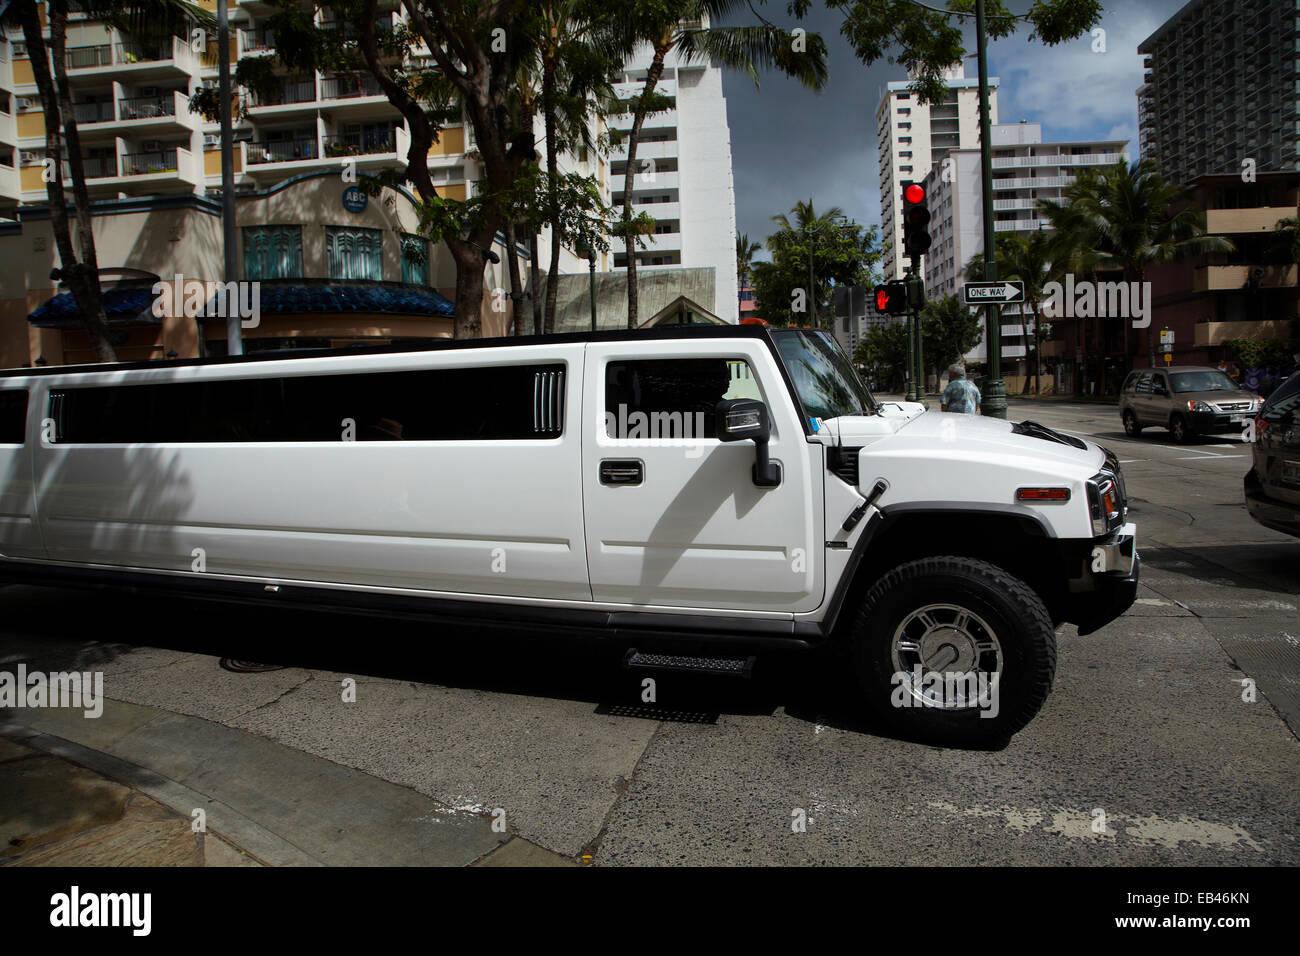 Hummer limousine, Waikiki, Honolulu, Oahu, Hawaii, USA - Stock Image